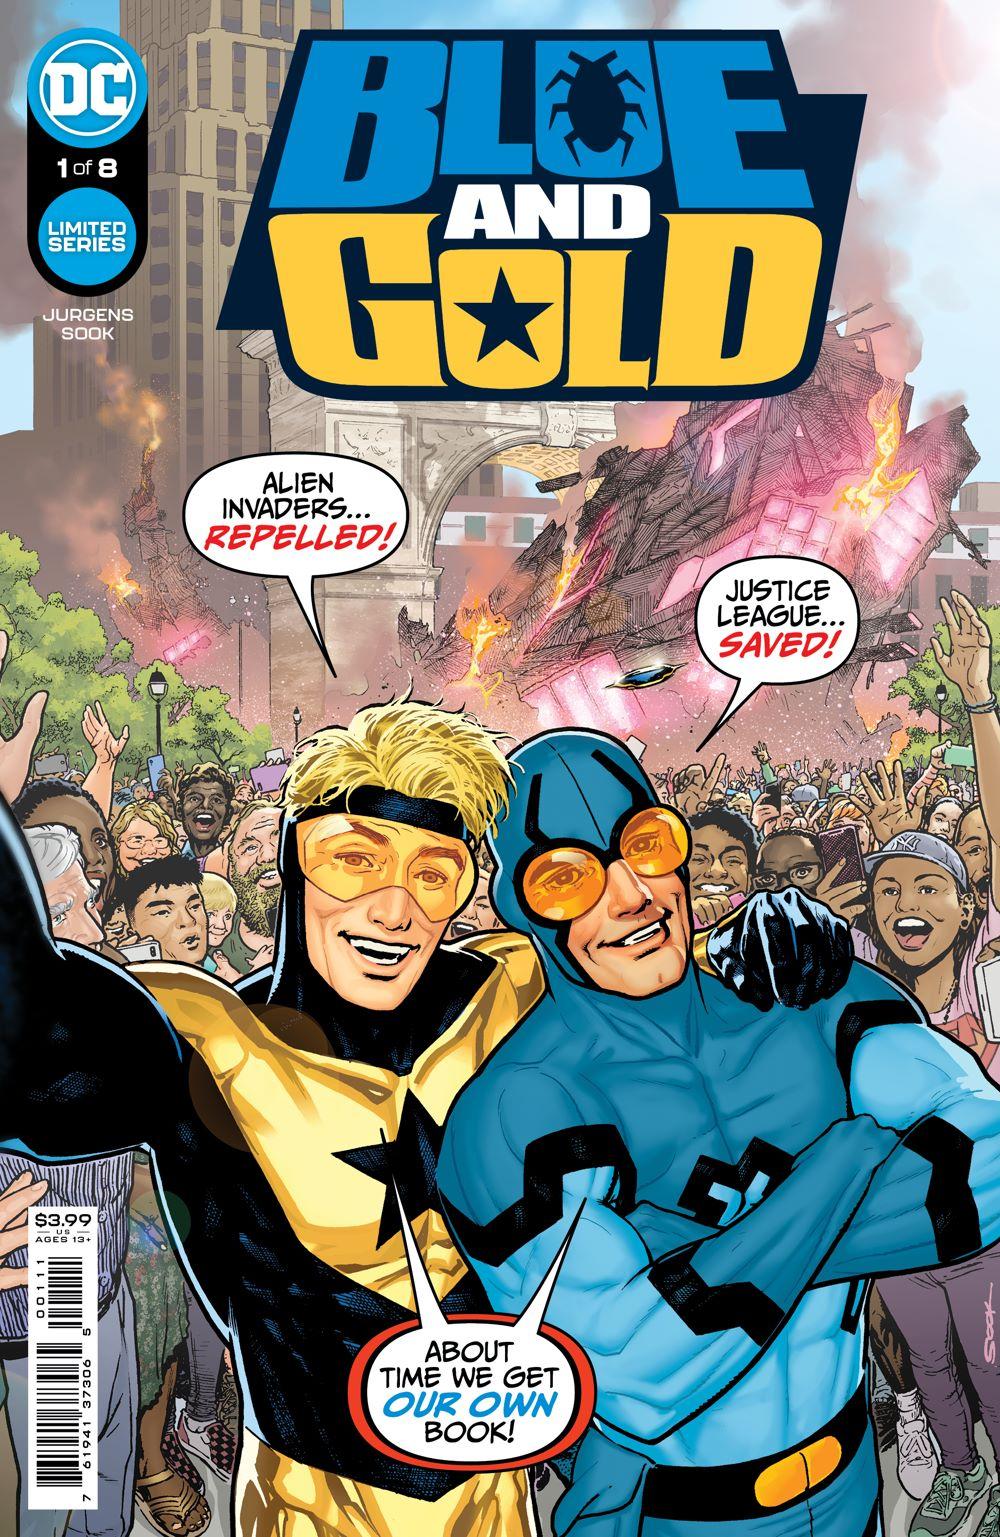 BG_Cv1 DC Comics July 2021 Solicitations